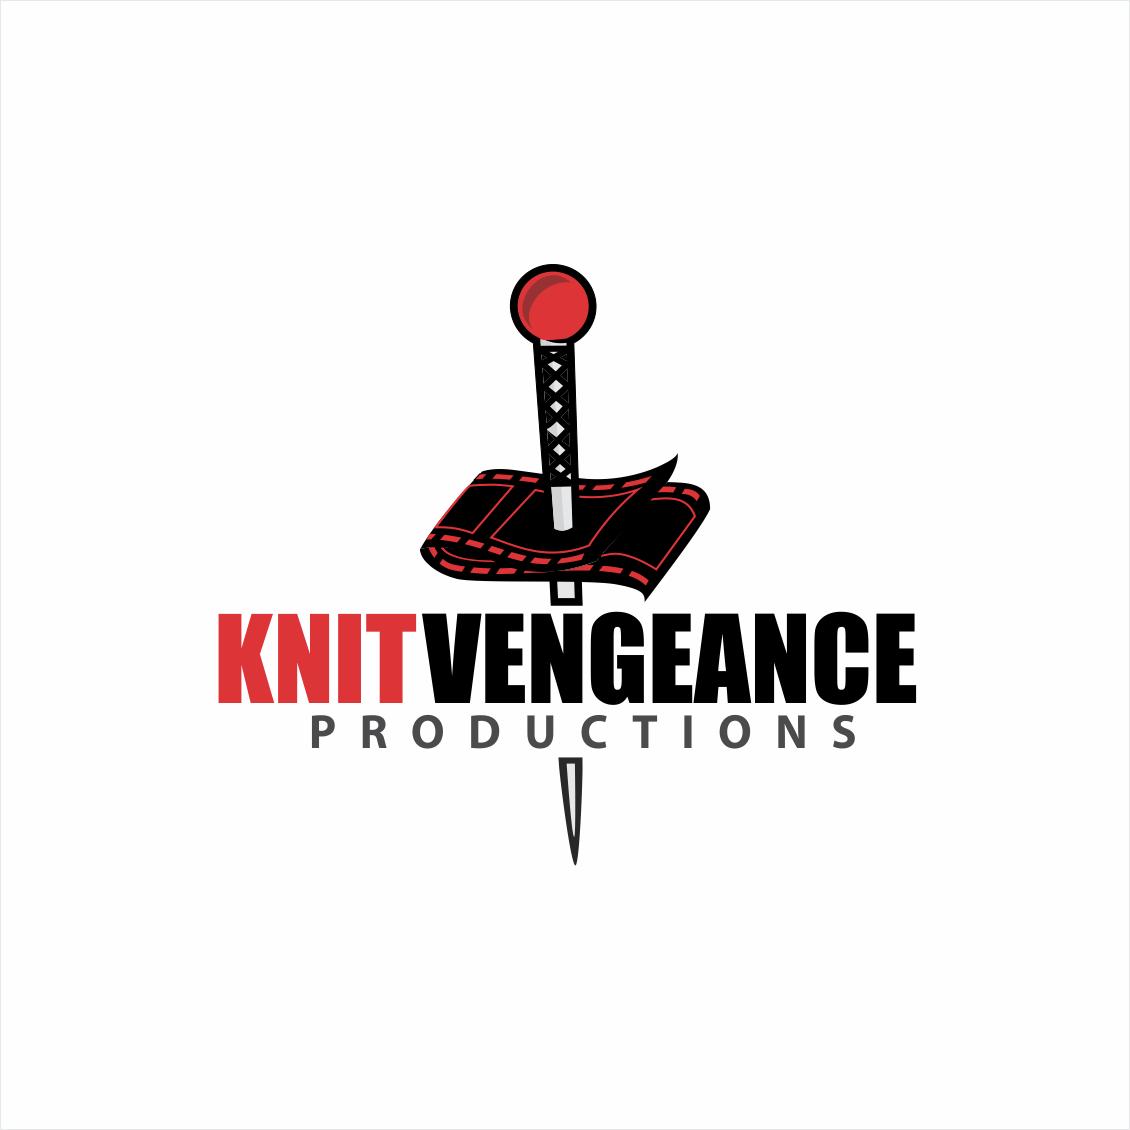 logo for KnitVengeance Productions